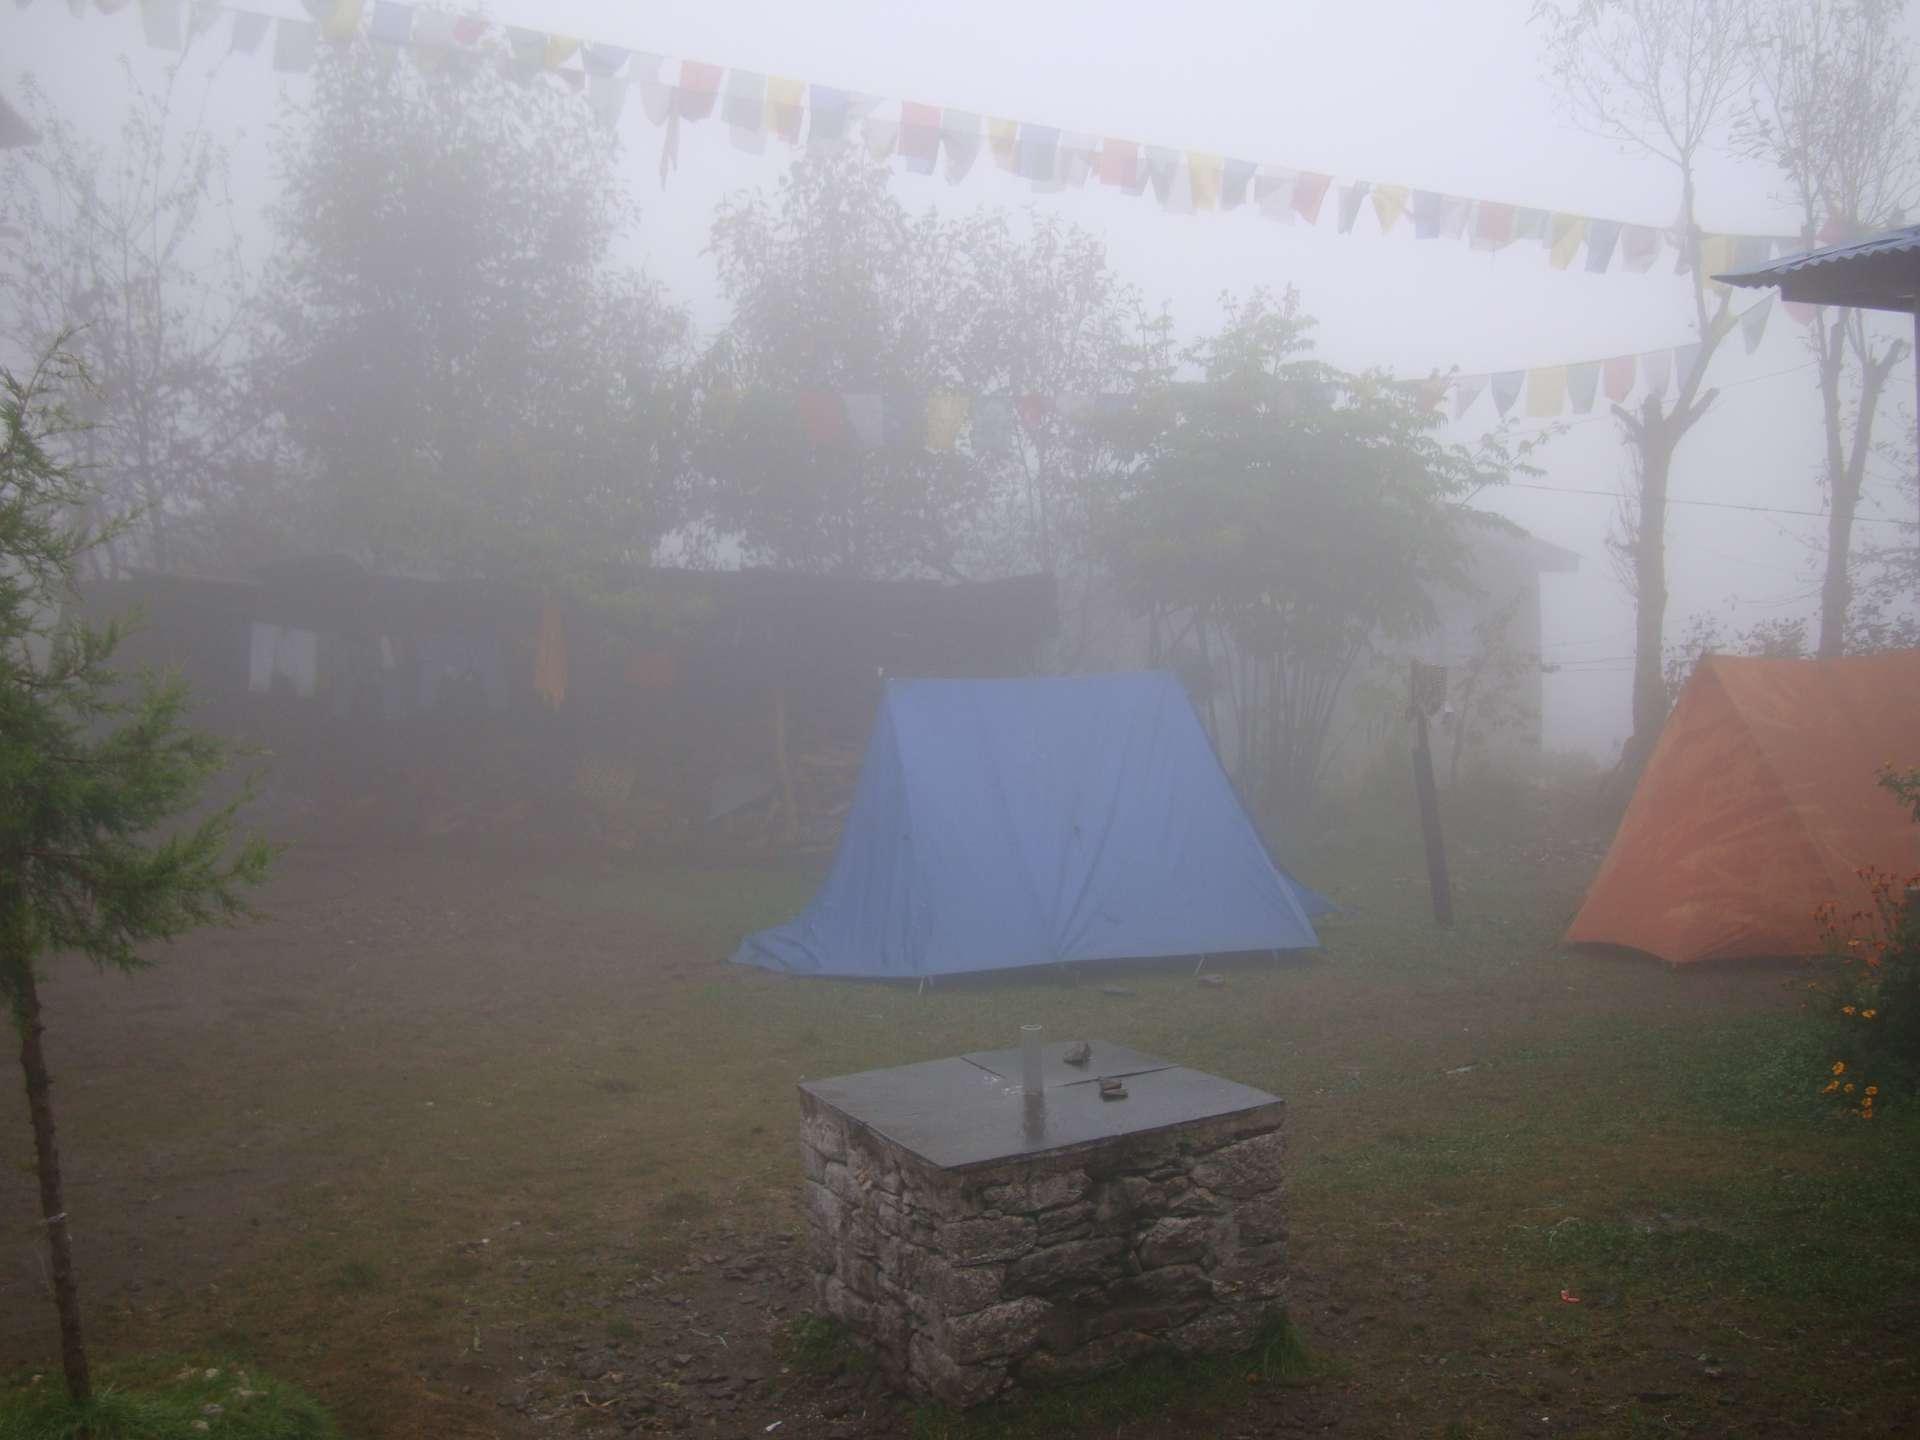 Zelte im Garten, Notquartier für Viele